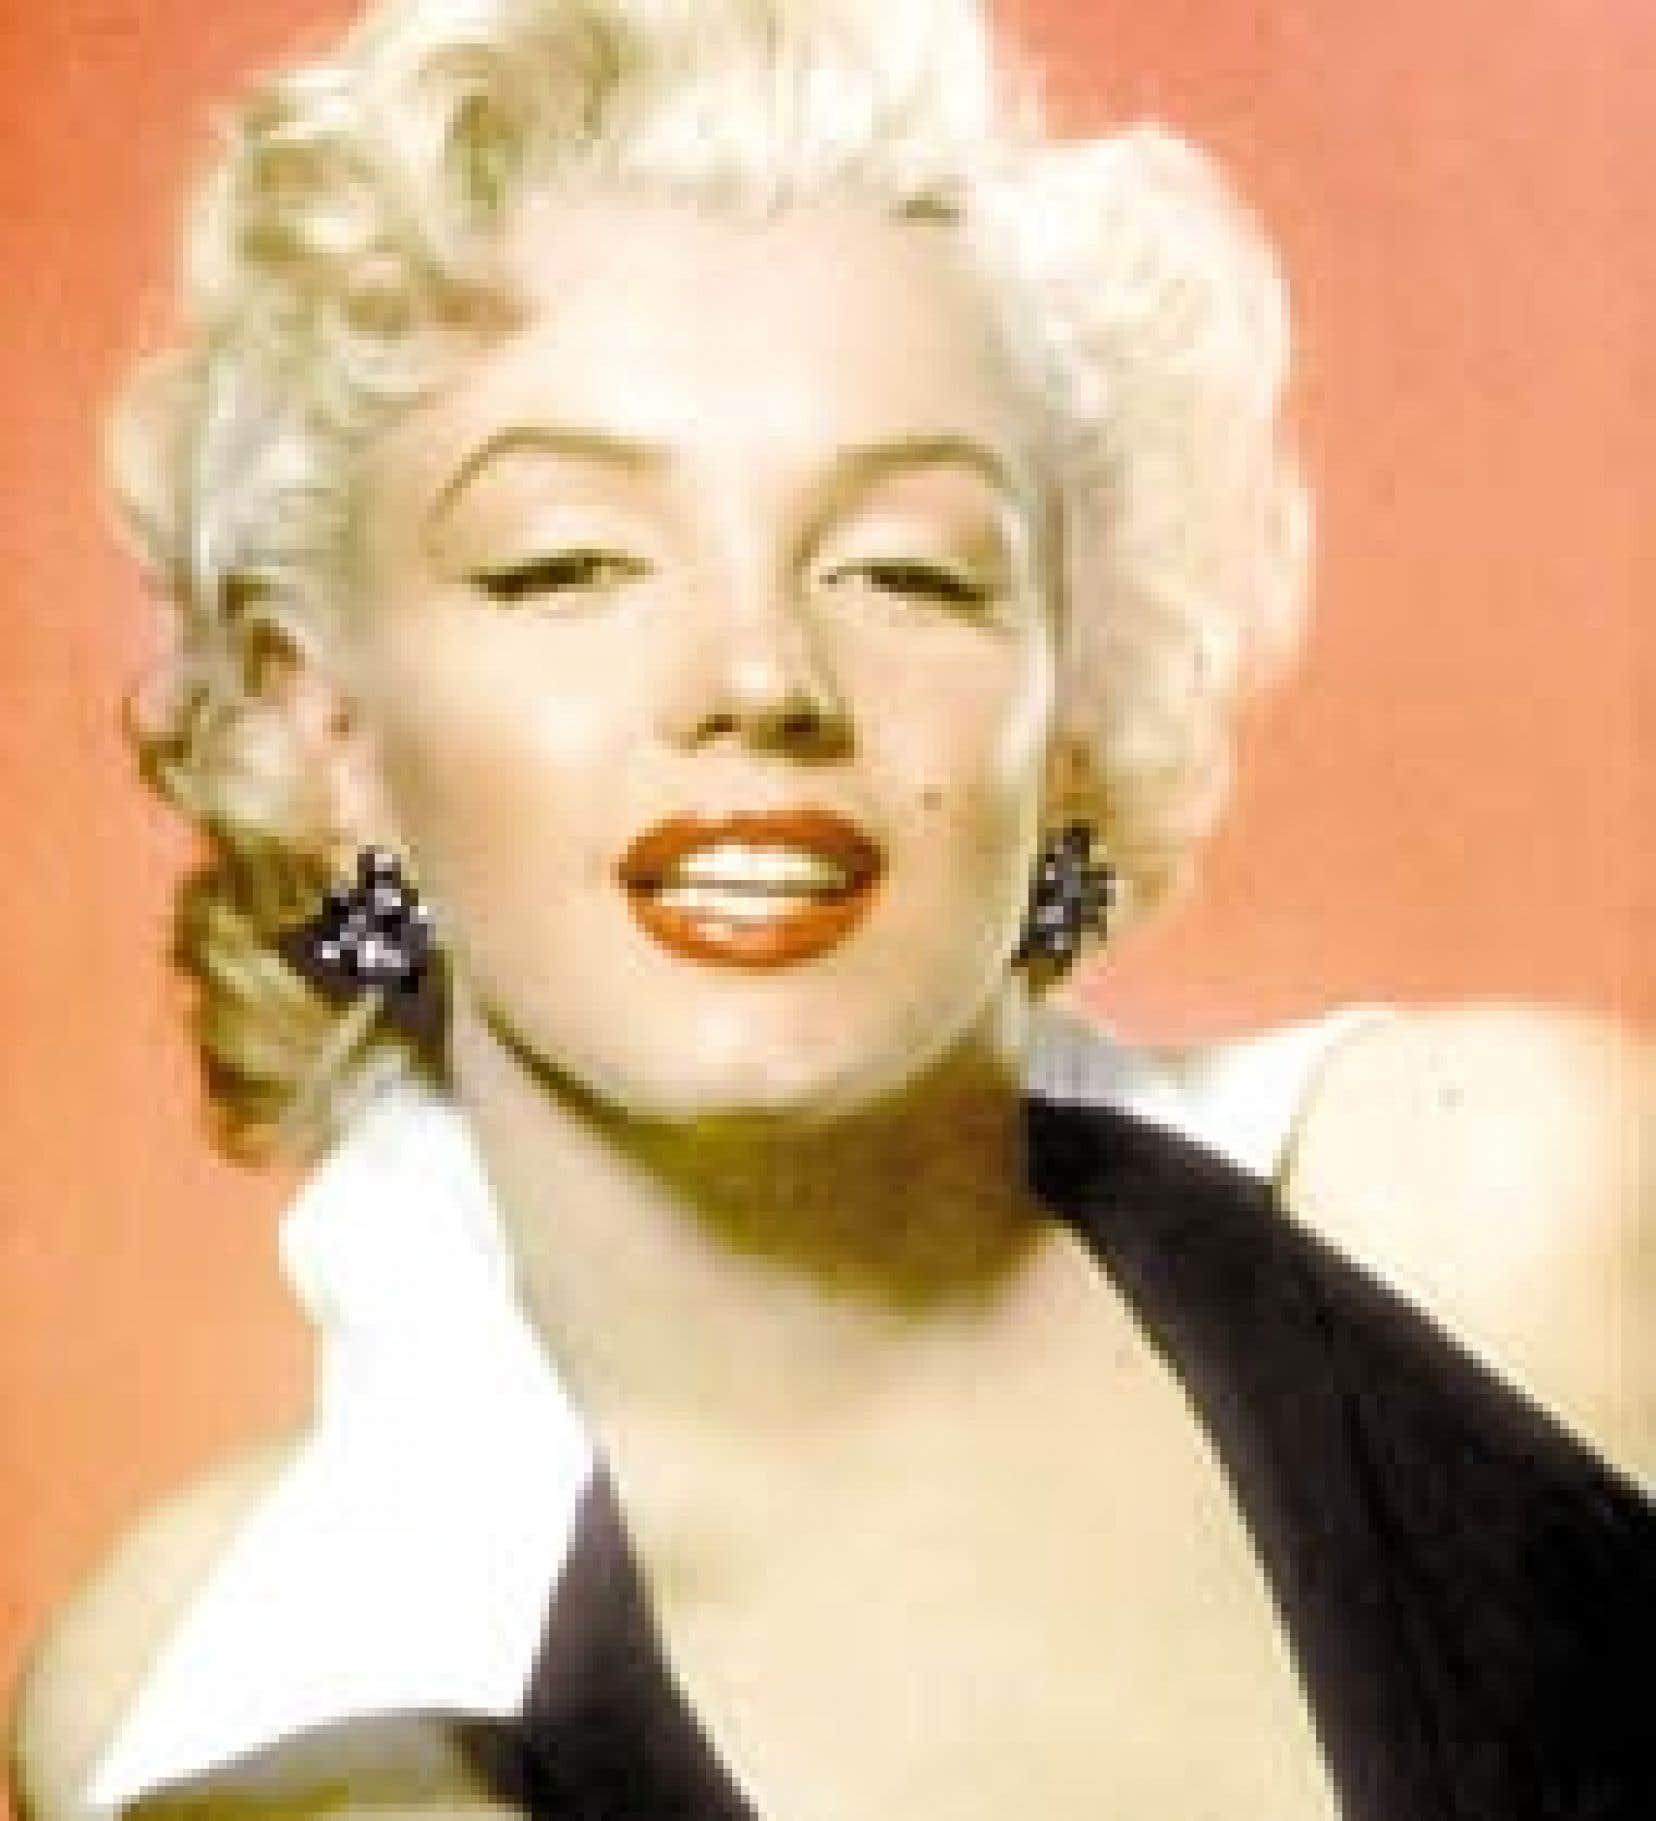 L'actrice Marilyn Monroe, célèbre maîtresse de John F. Kennedy: «Elle voulait un président à son bras.» — Source: Canal D